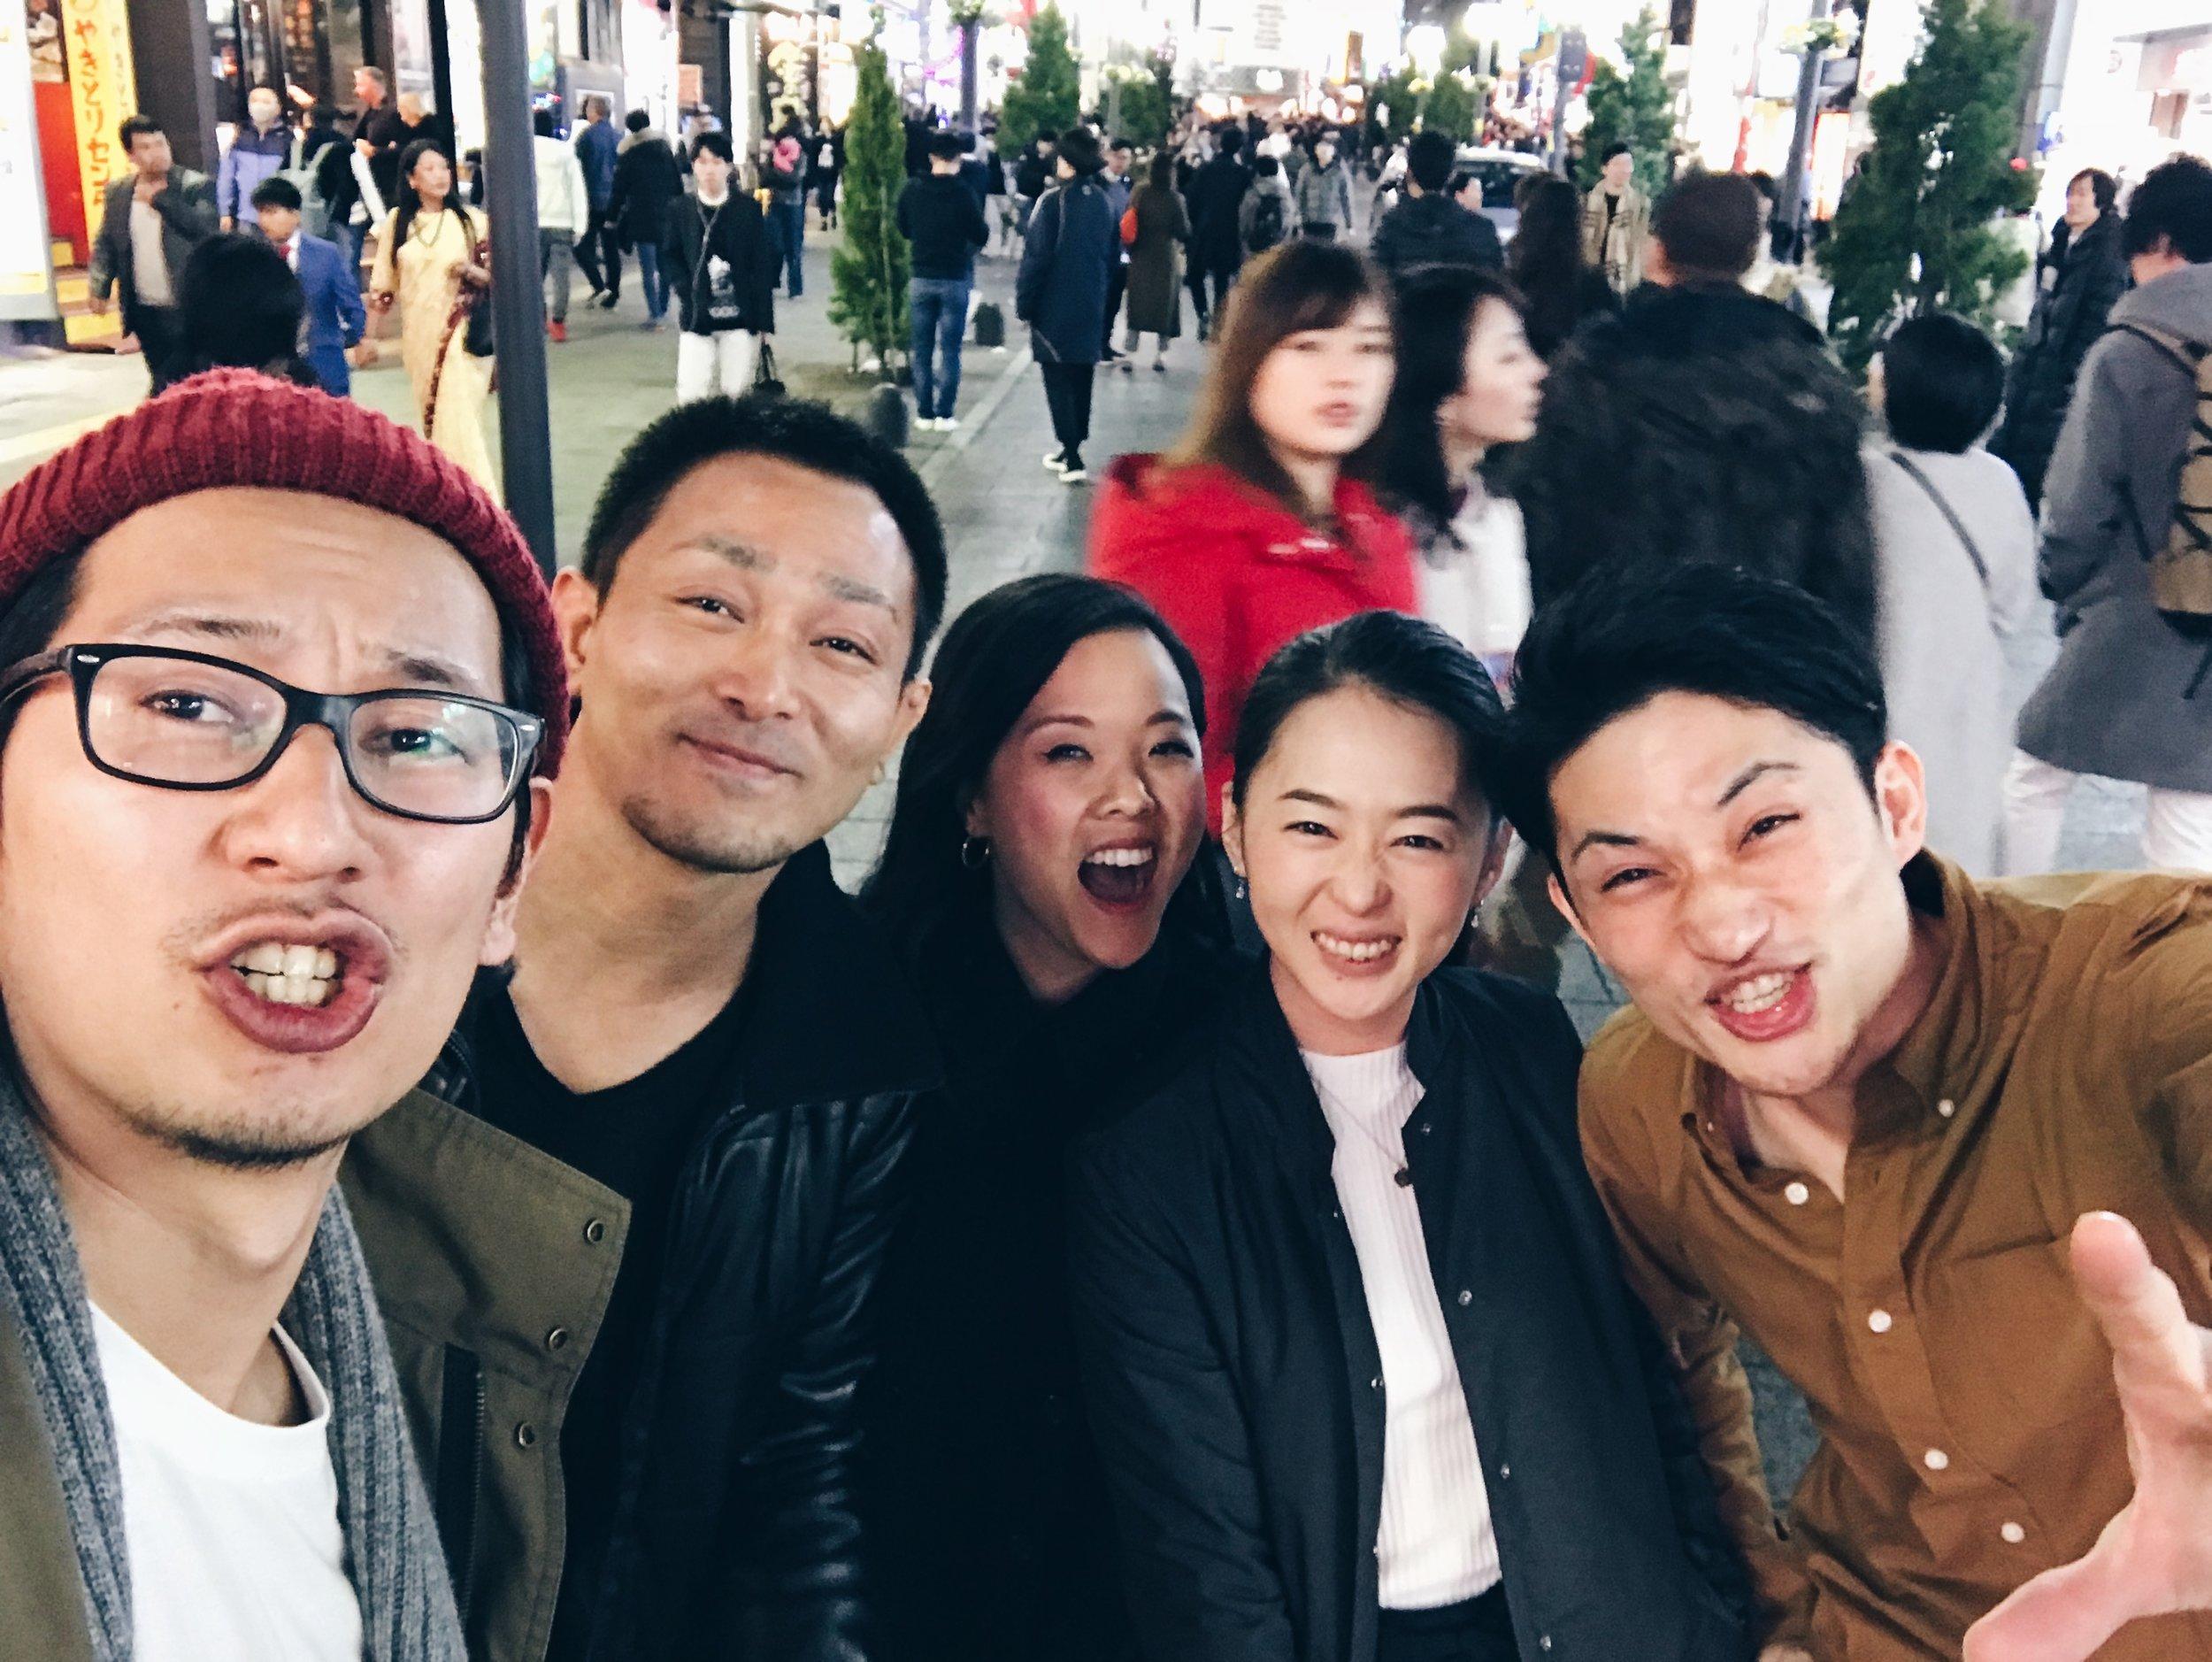 After Golden Gai, we hopped through  Shinjuku Omoide Yokocho  and  Kabukicho